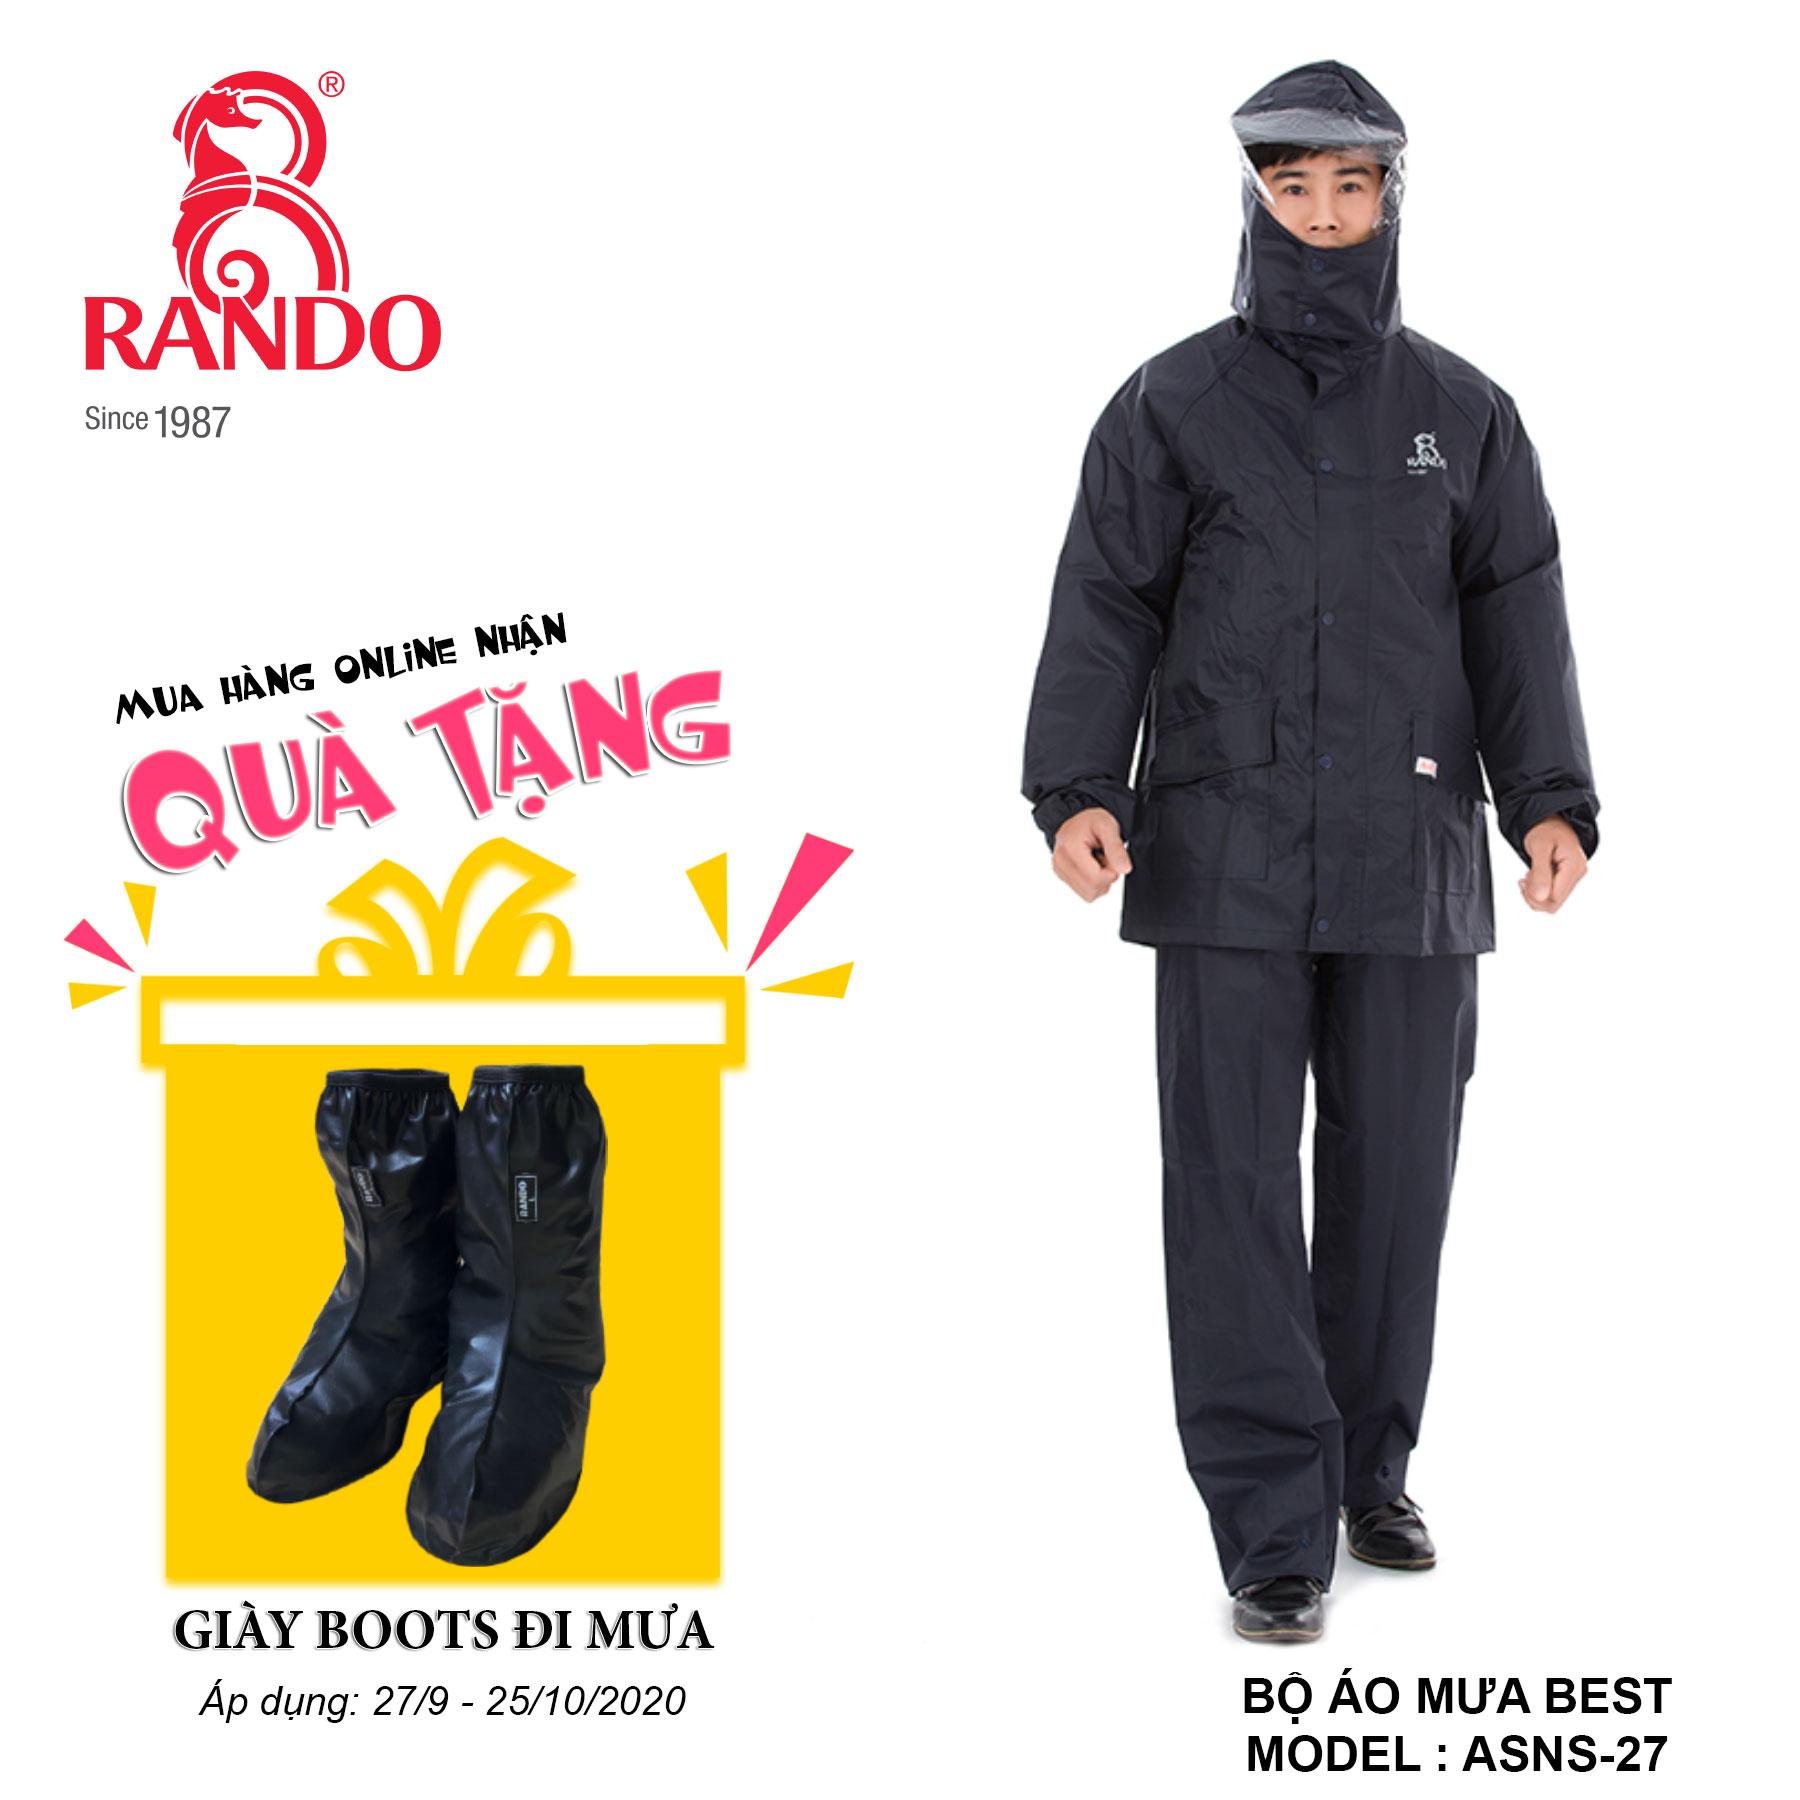 Mua bộ áo mưa BEST tặng GIÀY BOOTS đi mưa RANDO